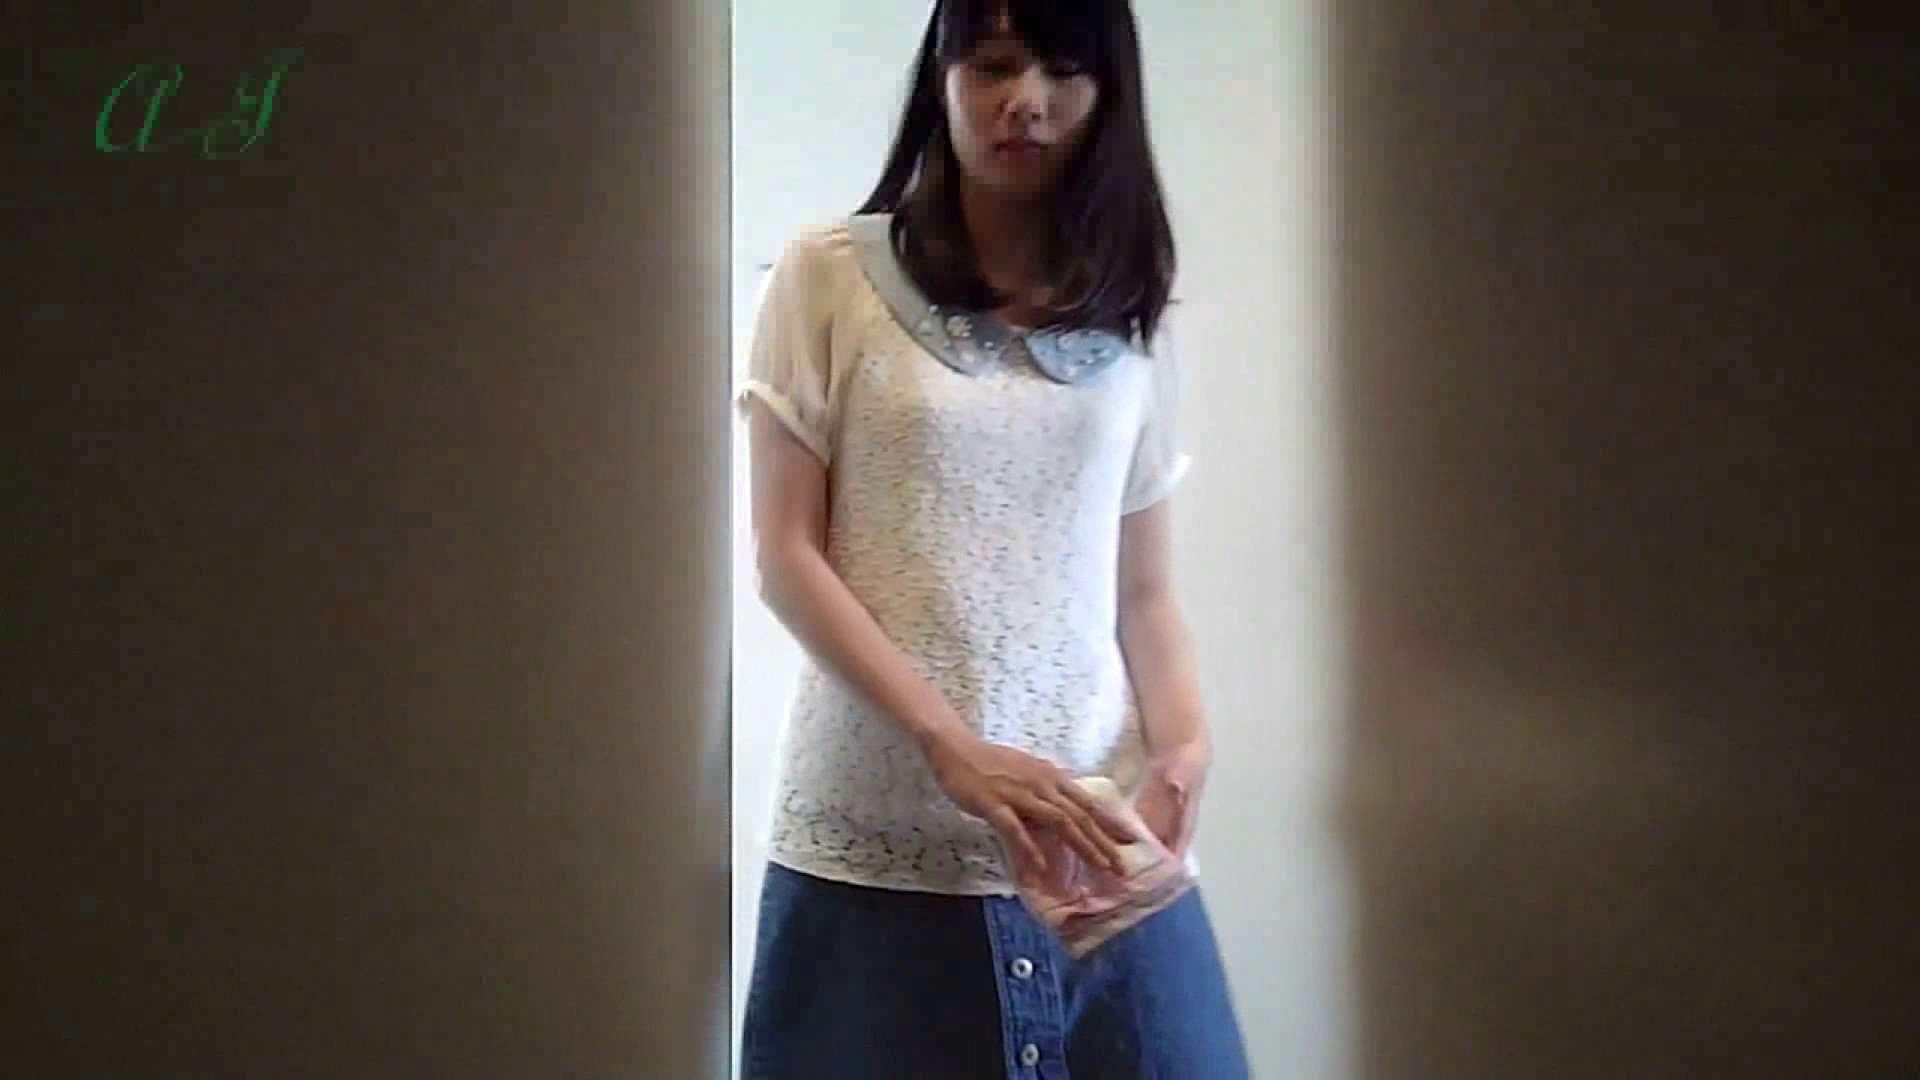 有名大学女性洗面所 vol.67トイレの女神さま♪ 和式 オメコ動画キャプチャ 89PIX 44